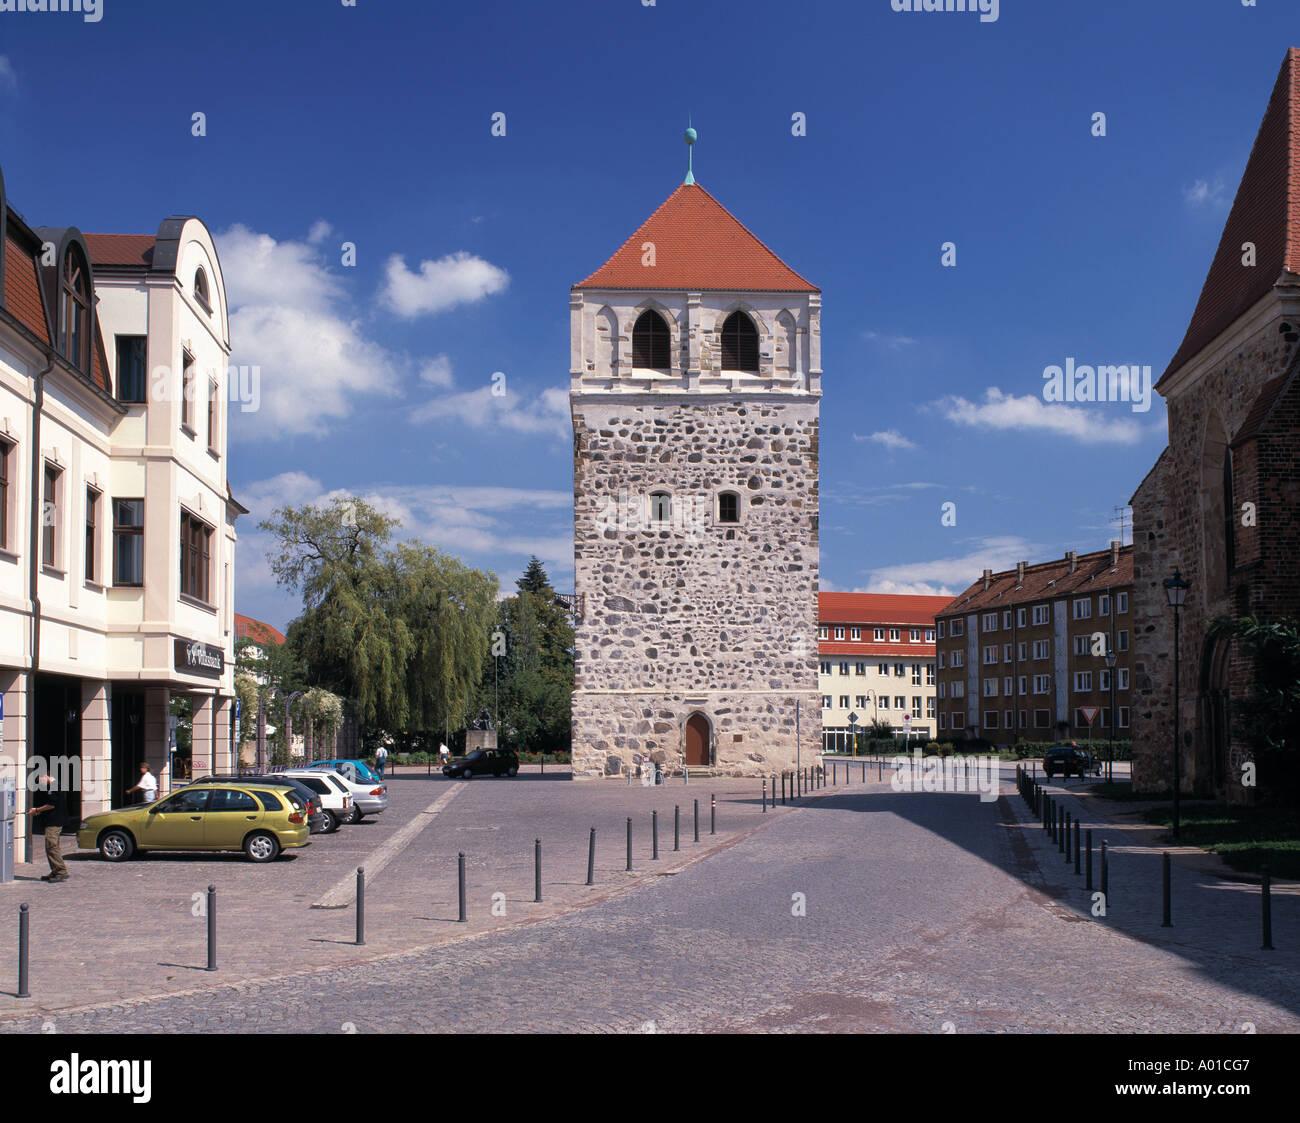 Dicker Turm an der Schlossfreiheit in Zerbst, Sachsen-Anhalt Stock Photo